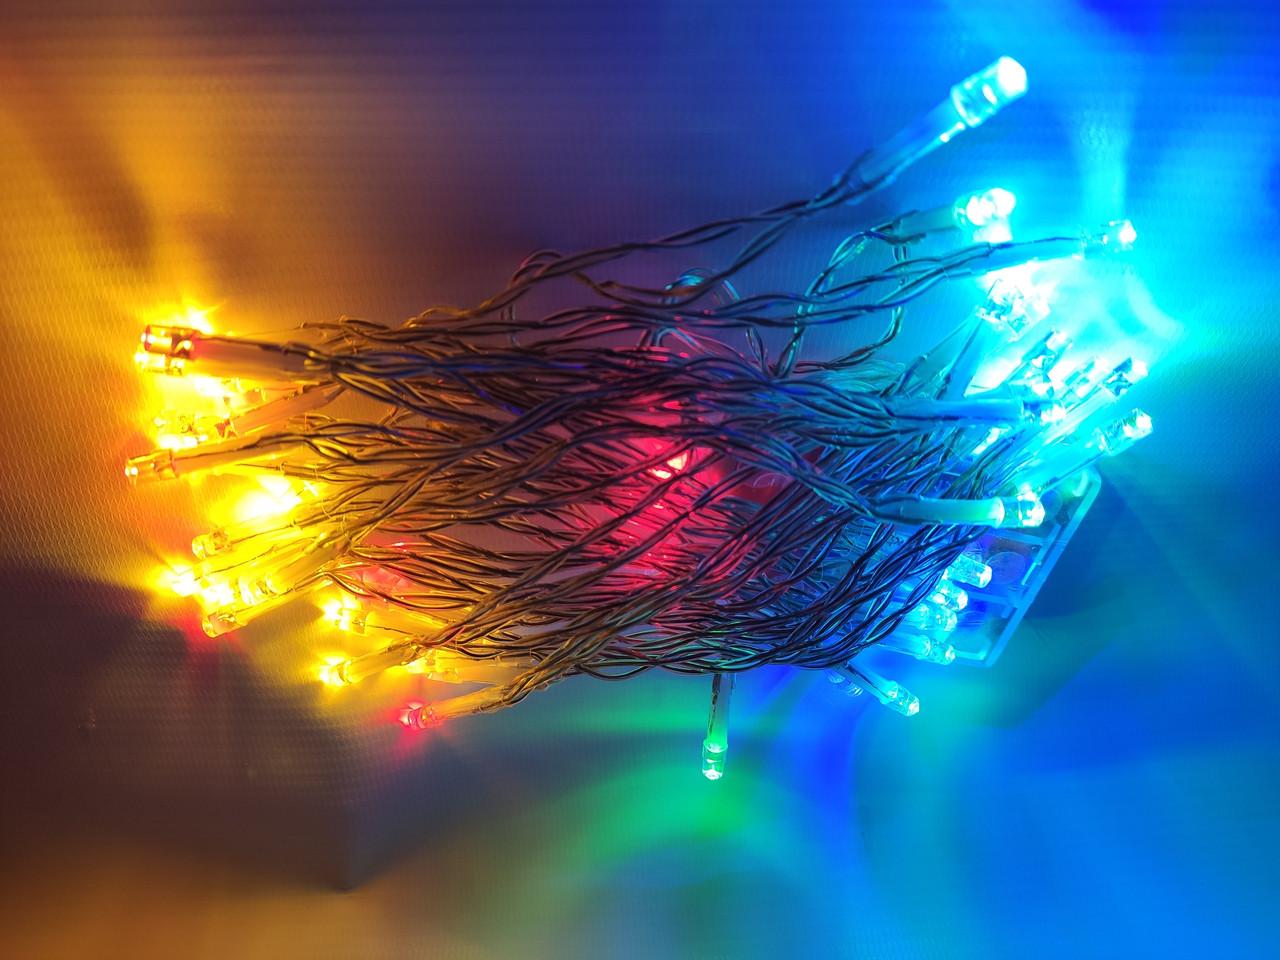 Светодиодная гирлянда 3 метров на батарейках мультицветная